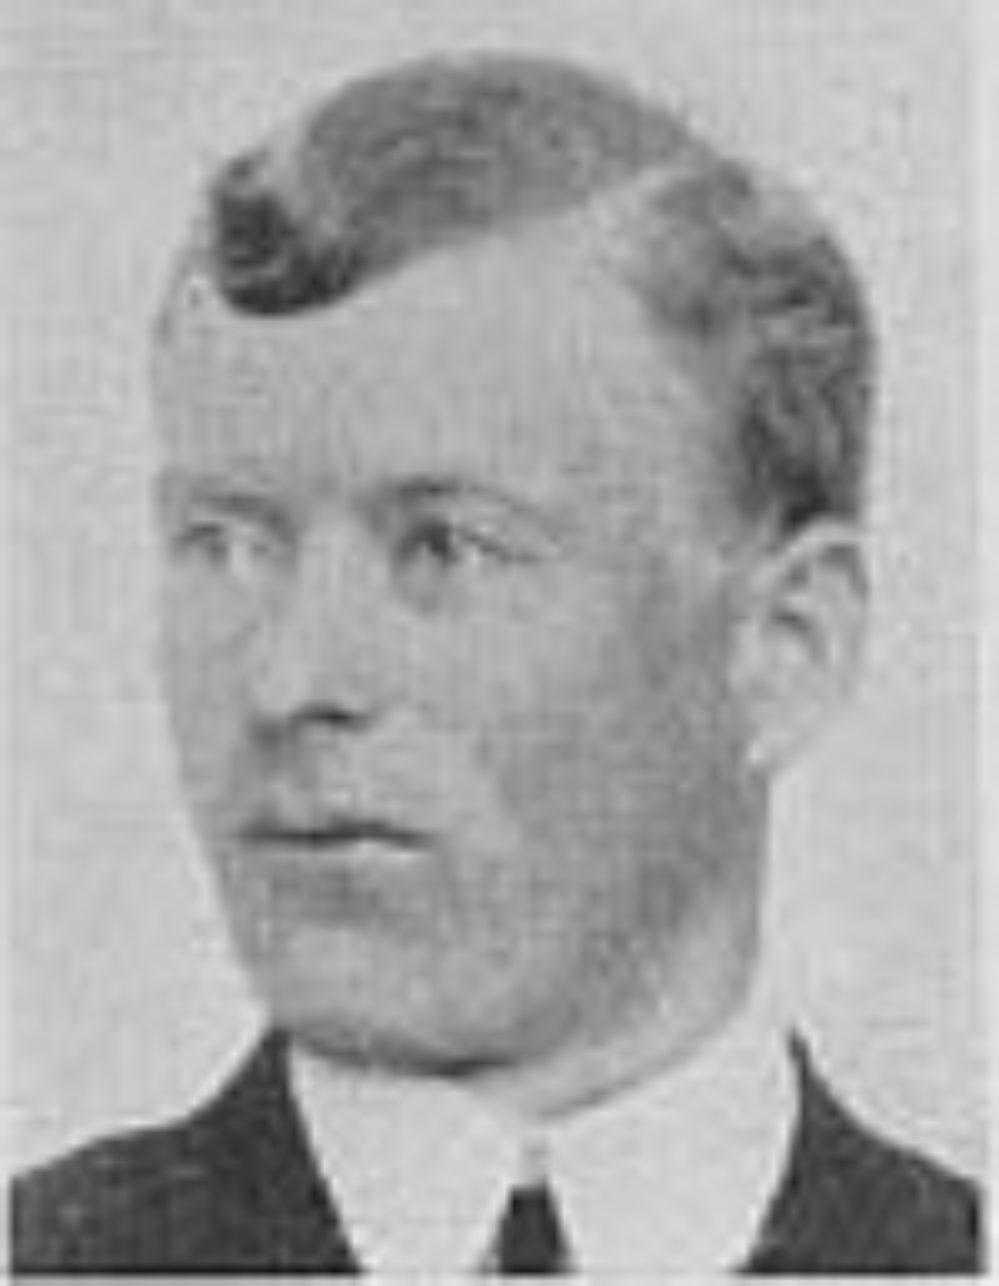 Gunnar Jørgen Sanne